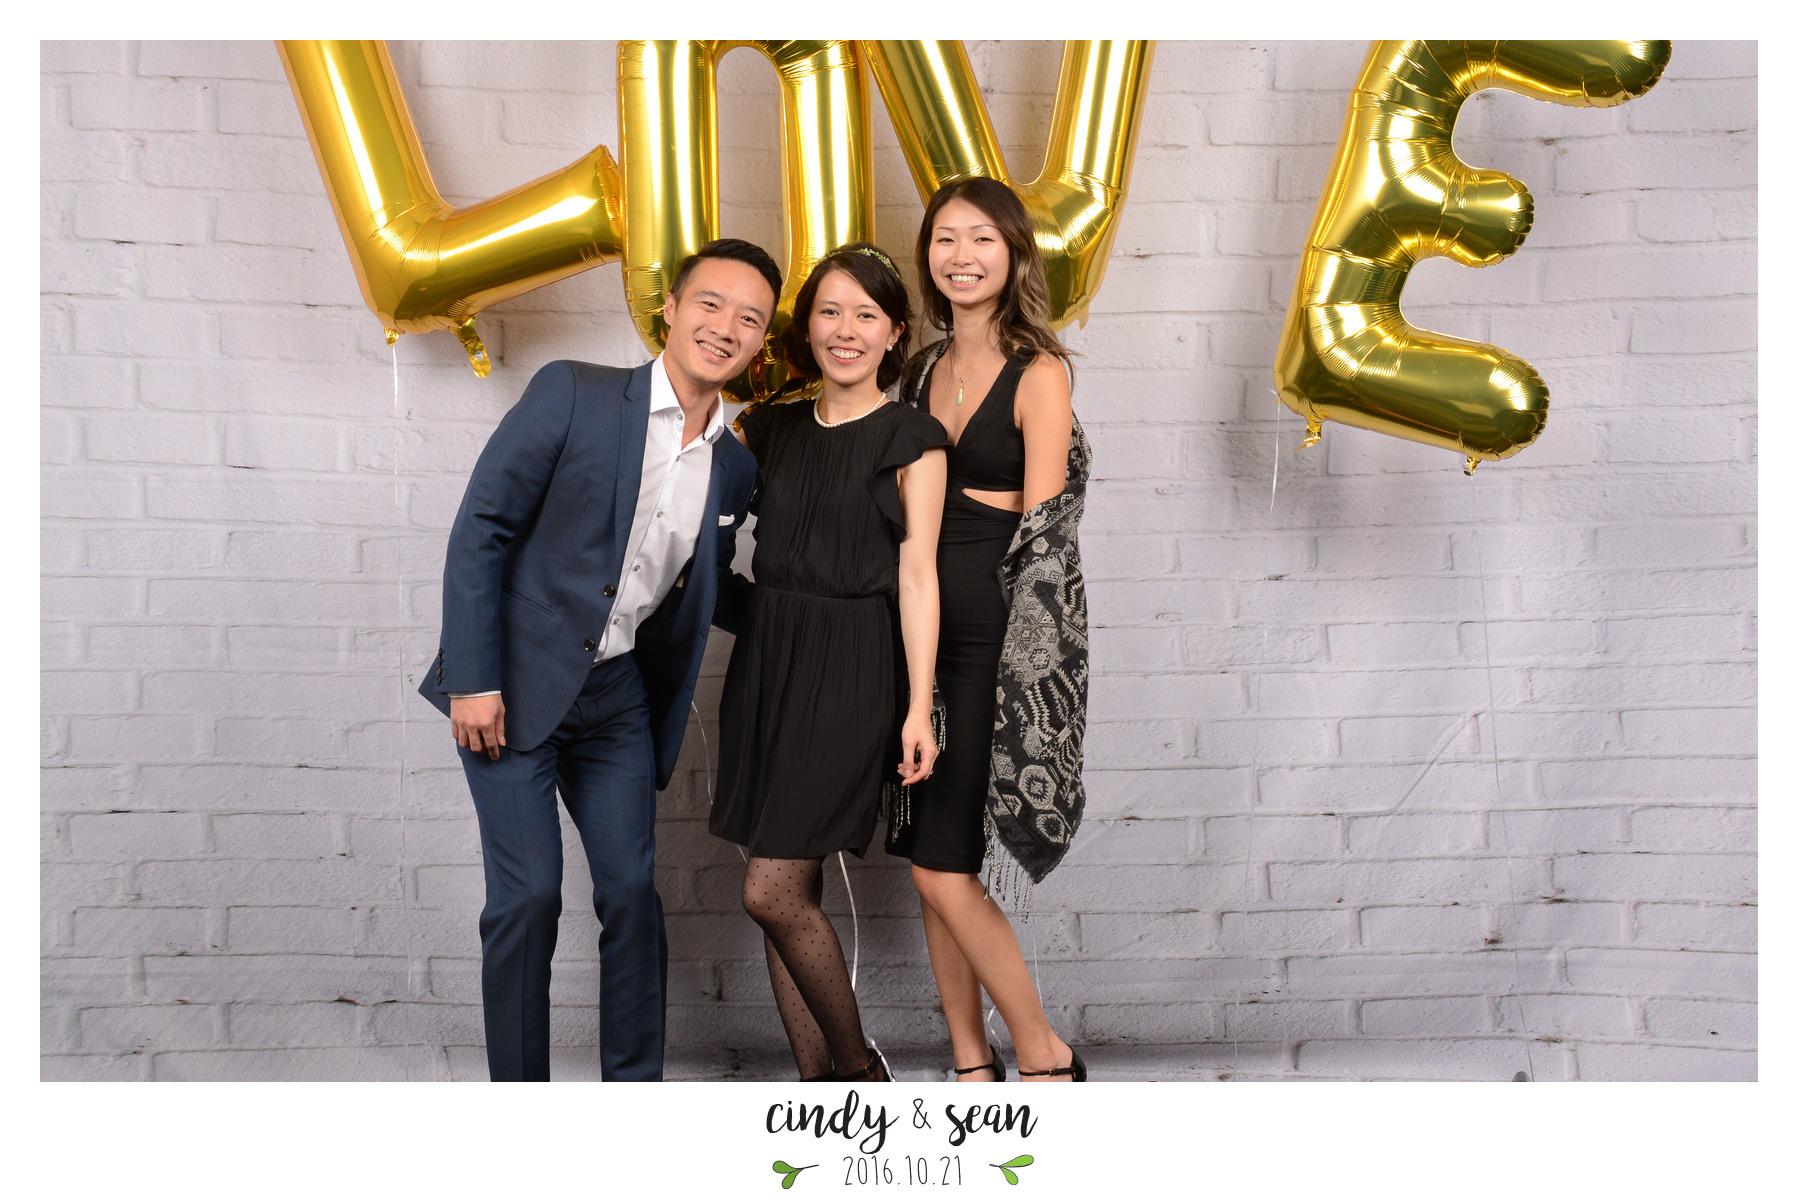 Cindy Sean Bae - 0001-185.jpg